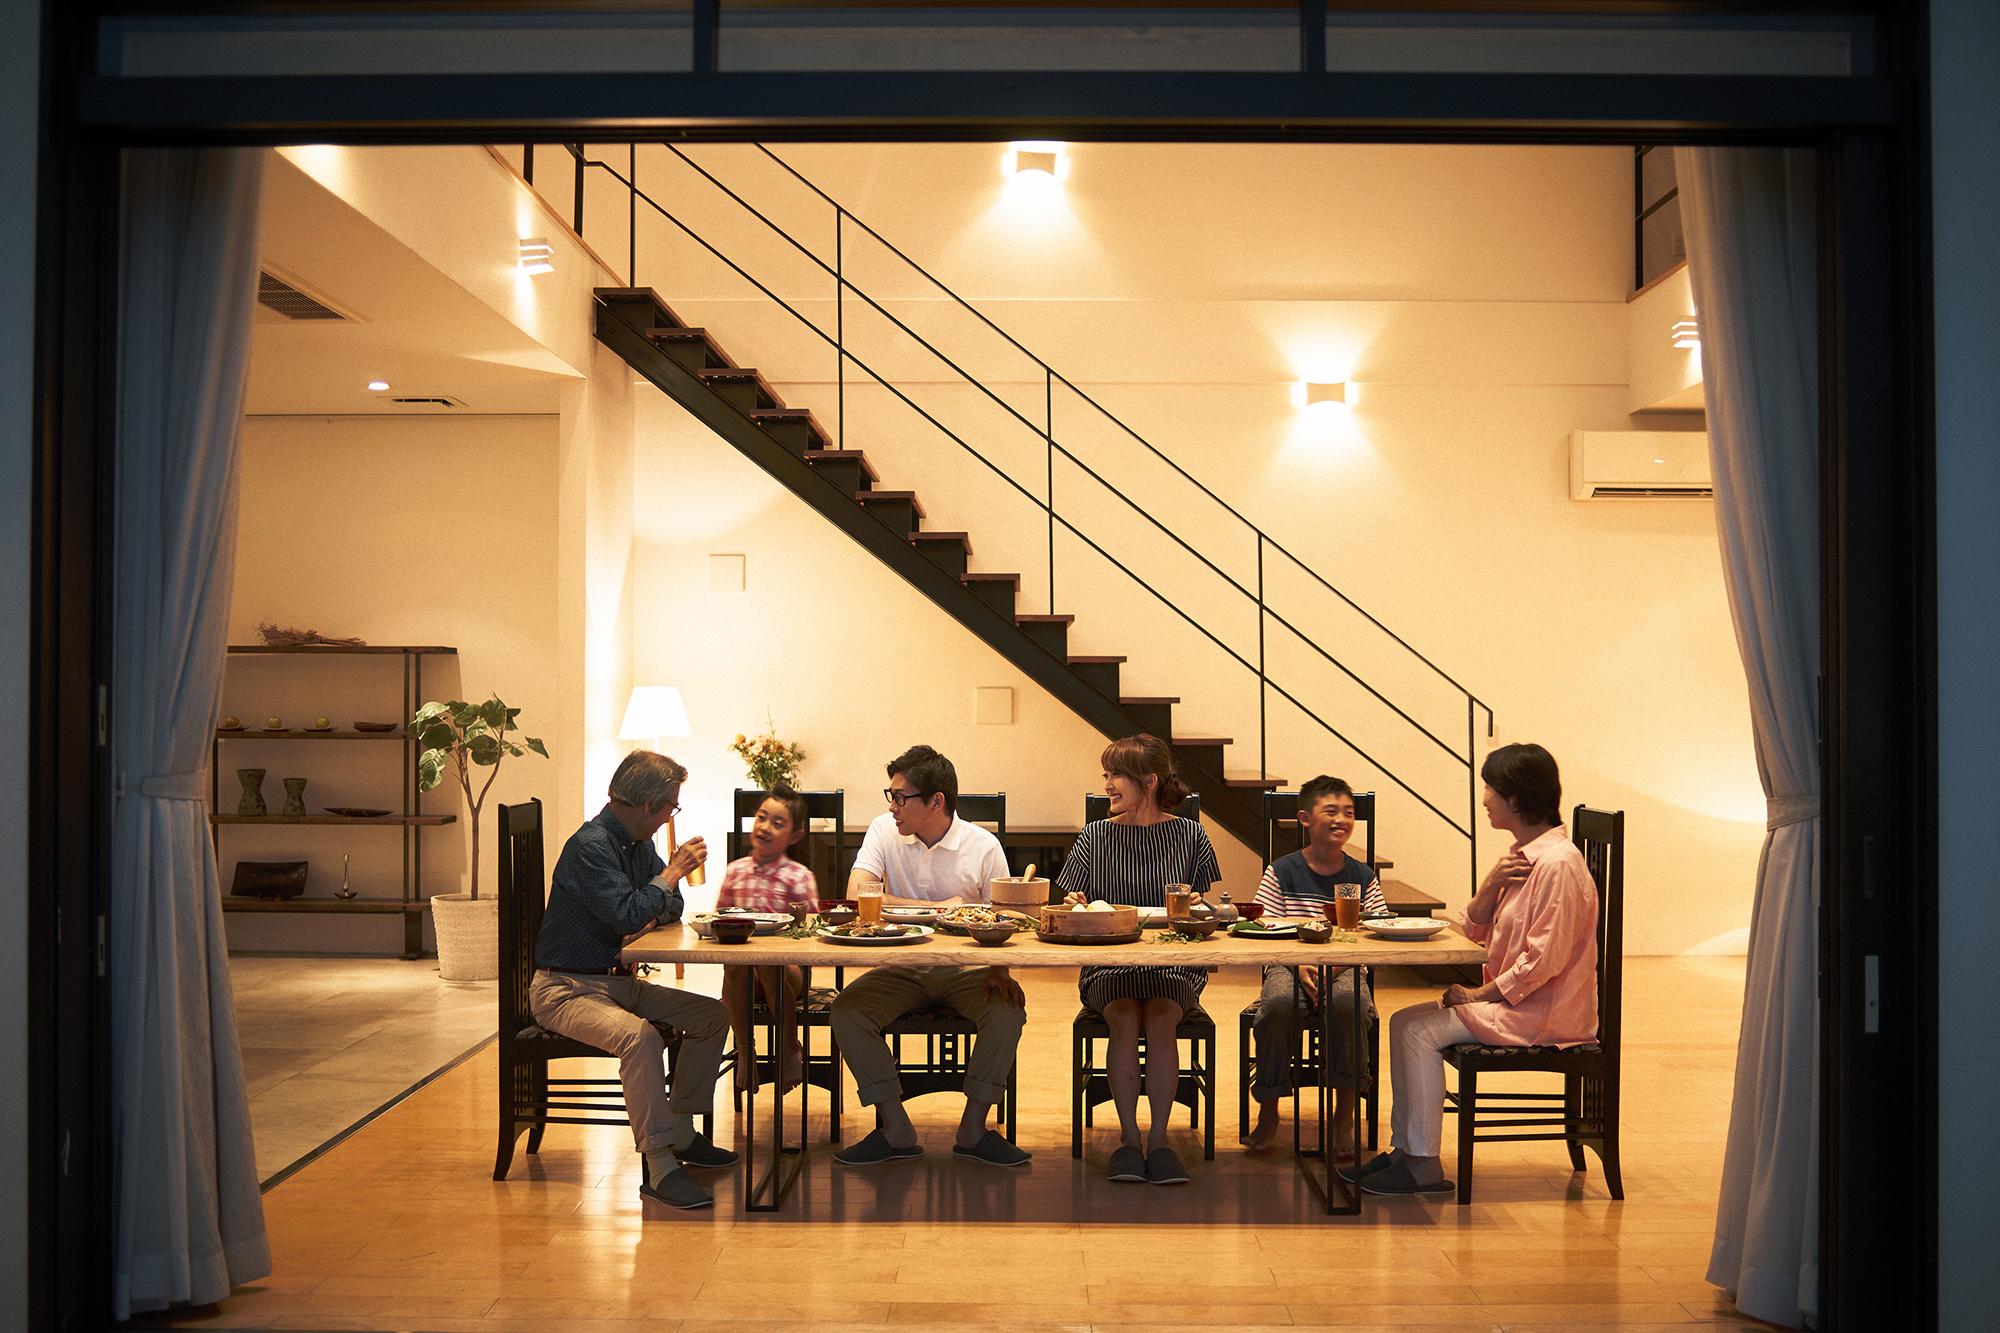 ☆地域密着の住宅会社と大手ハウスメーカーの大きな違い。❔❕